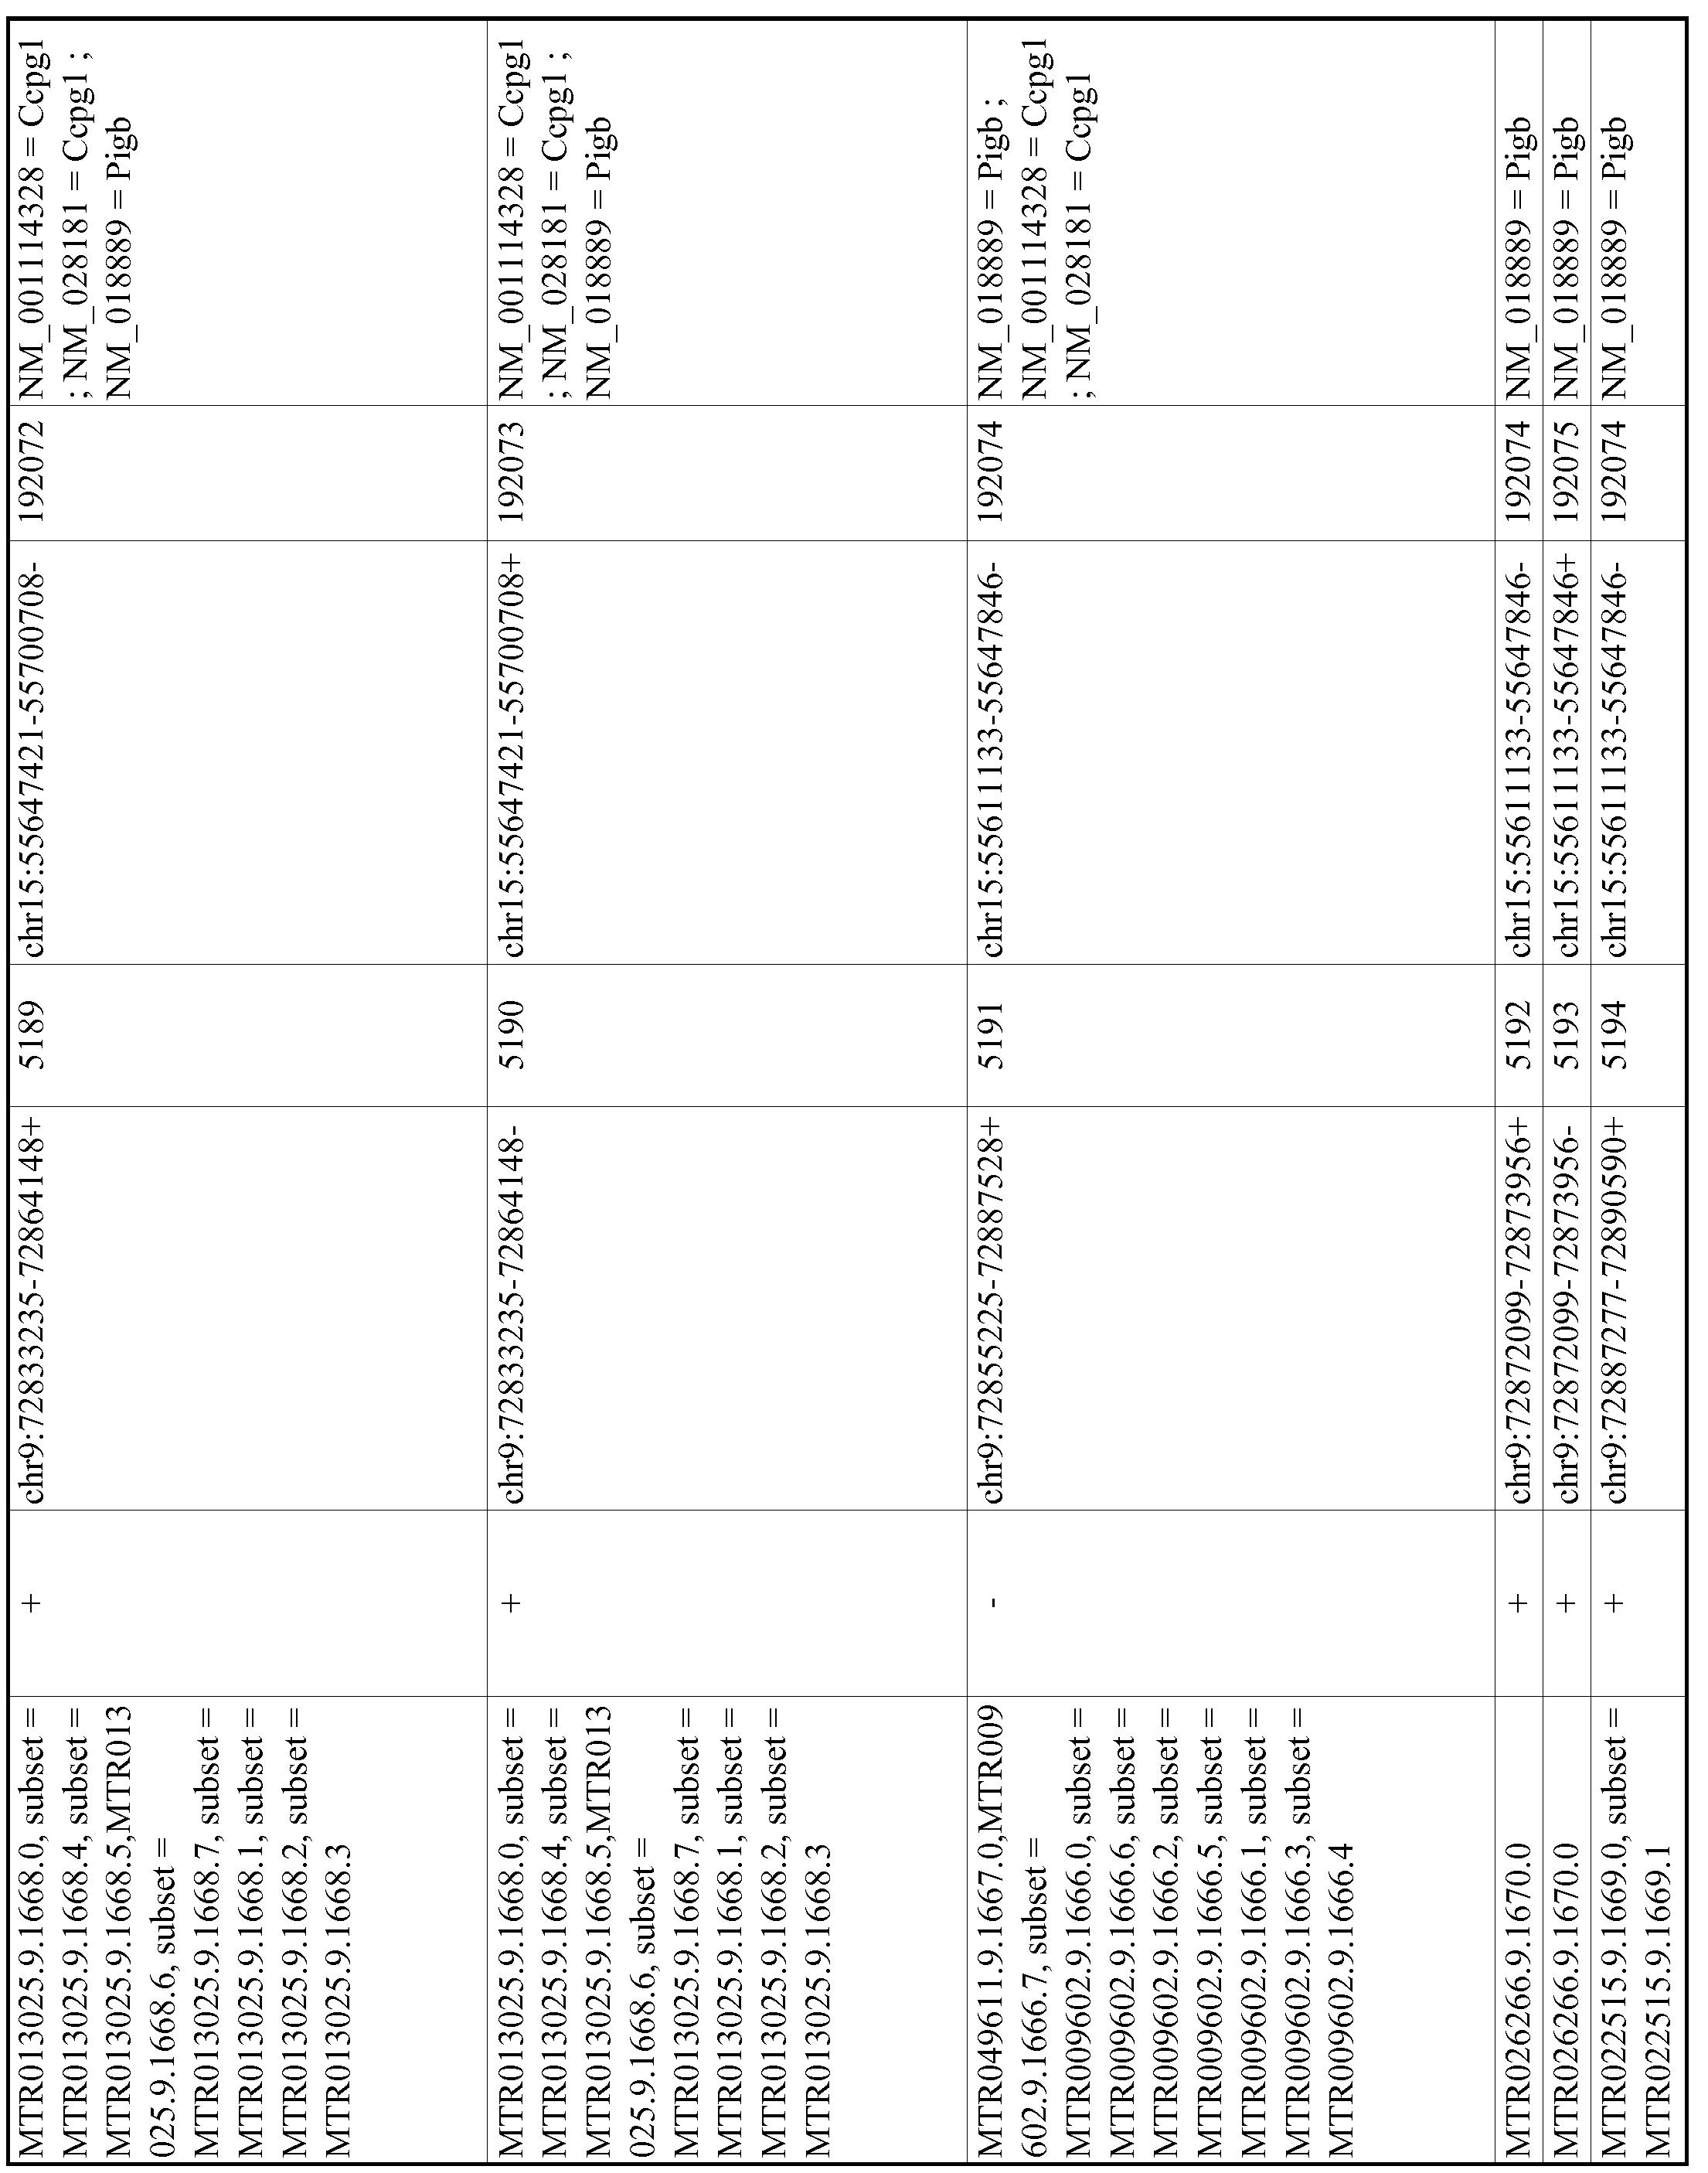 Figure imgf000944_0001